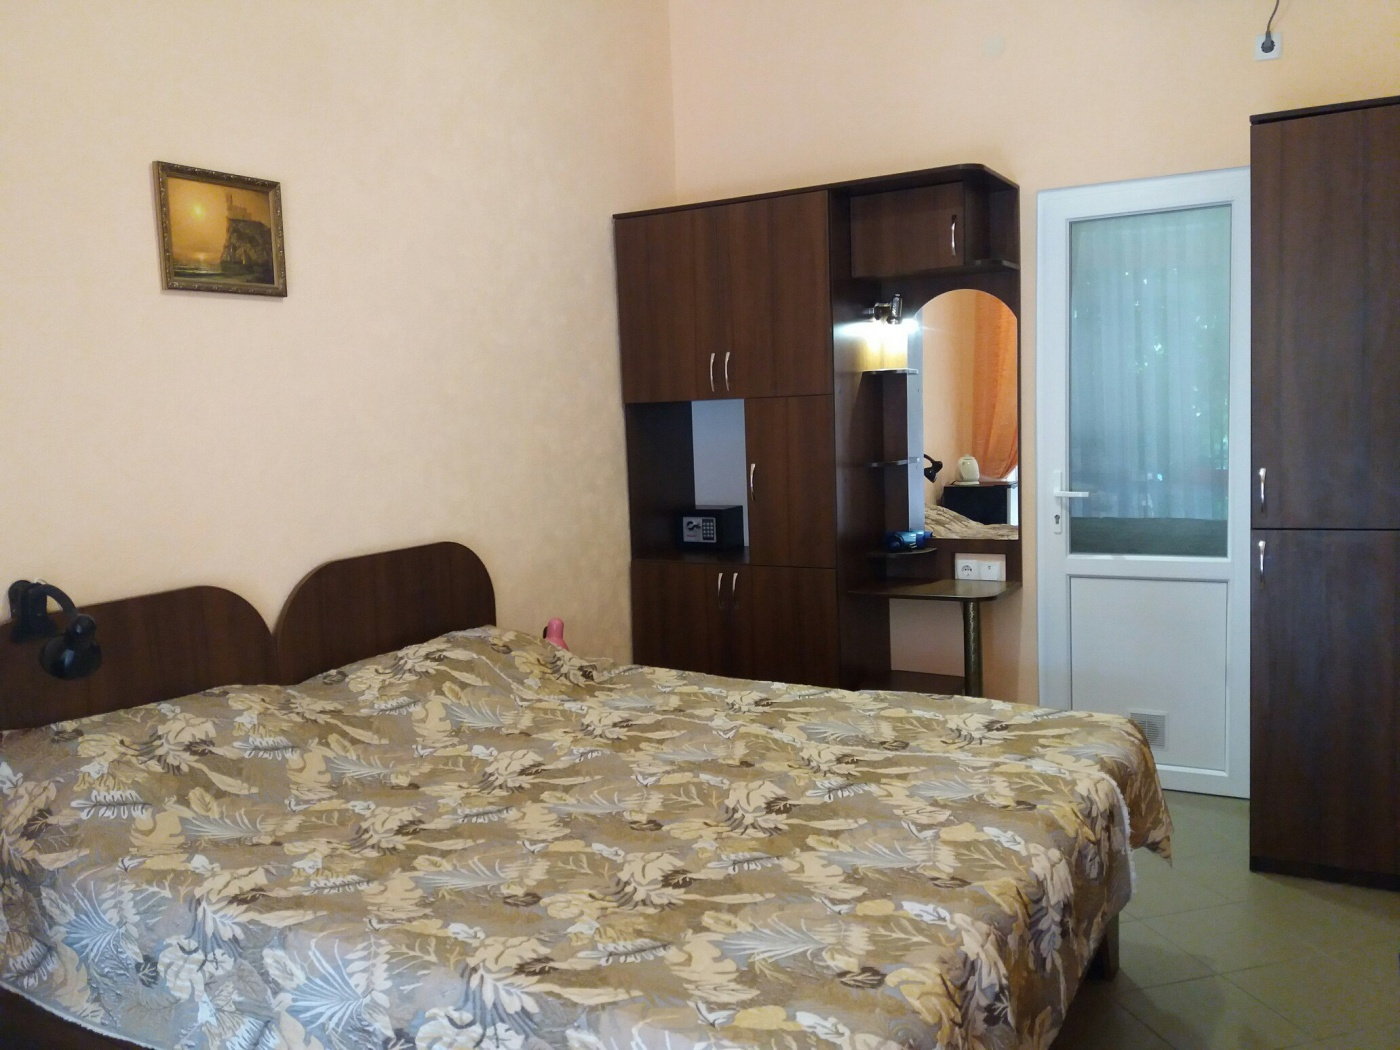 Гостевой дом «Гринвич» Республика Крым Номер «Стандарт» 2-местный, фото 2